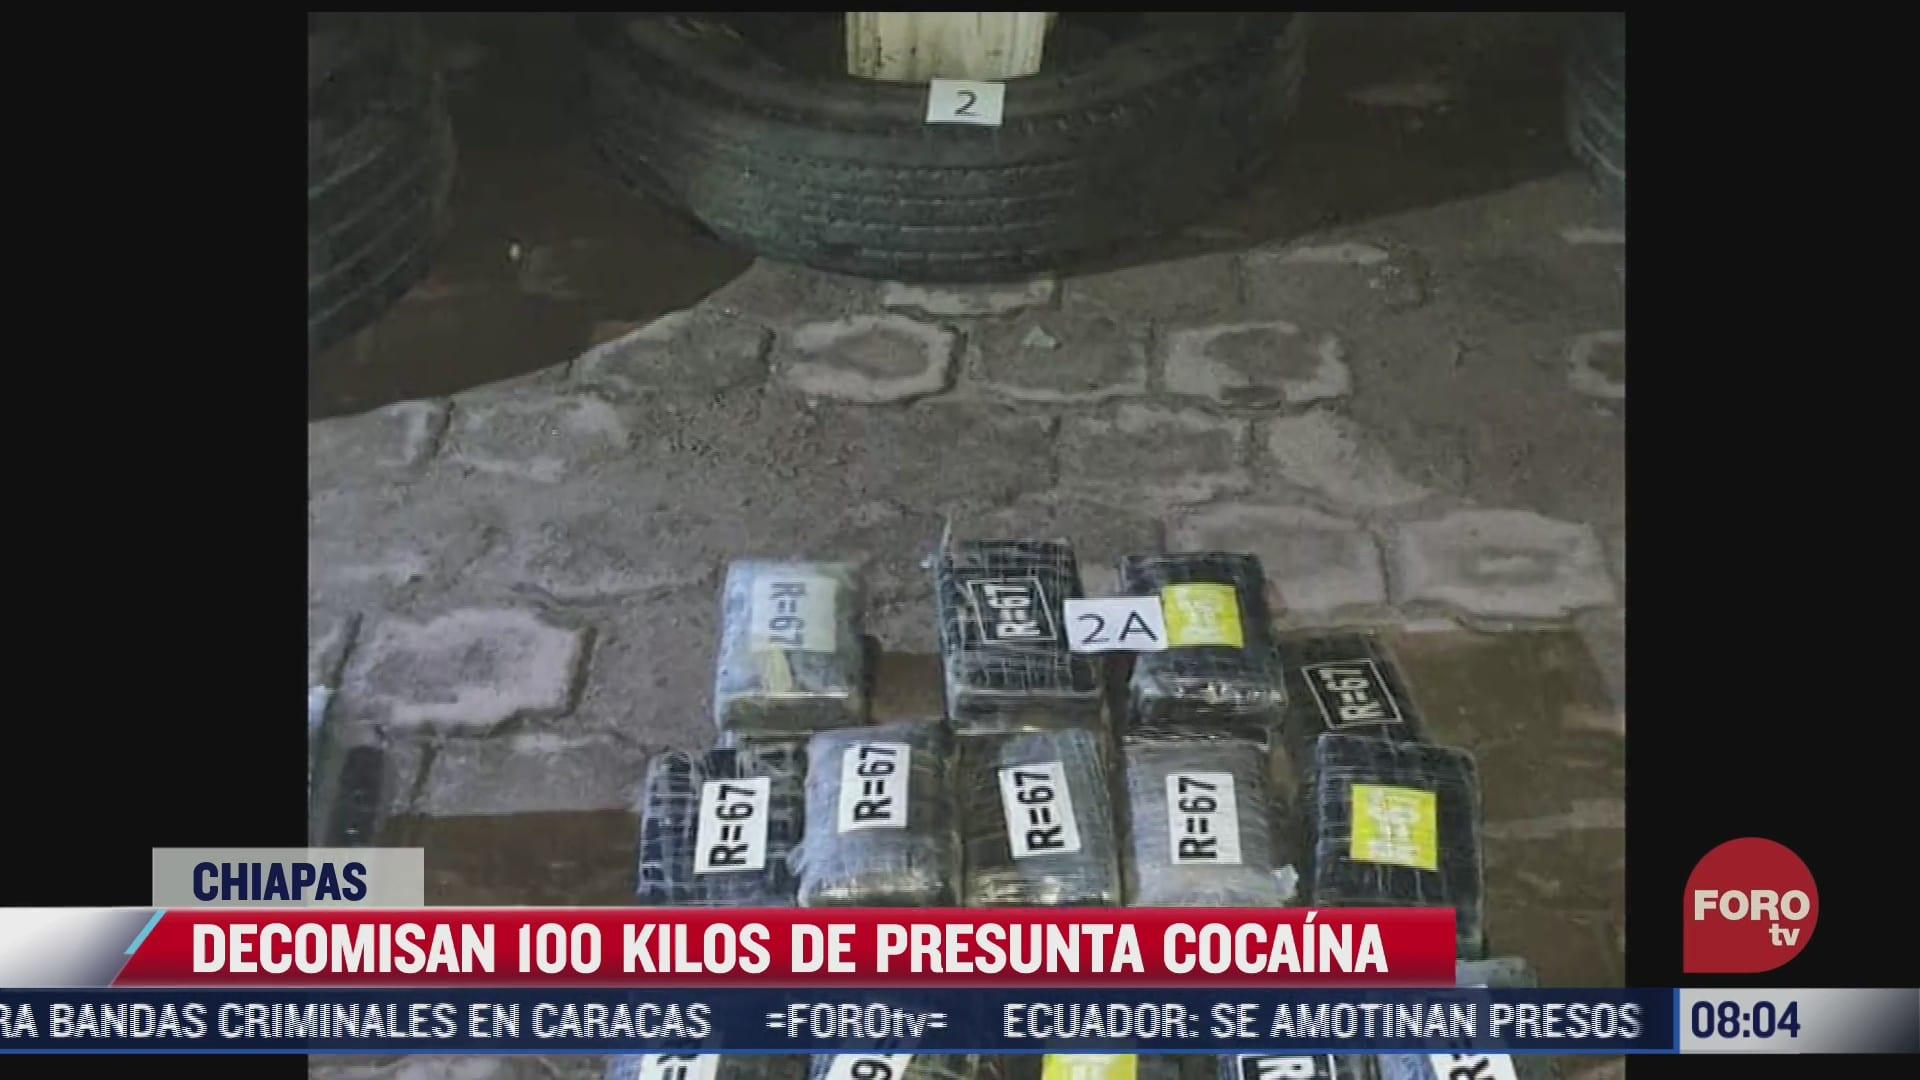 decomisan 100 kilos de cocaina oculta en las llantas de un tractocamion en chiapas